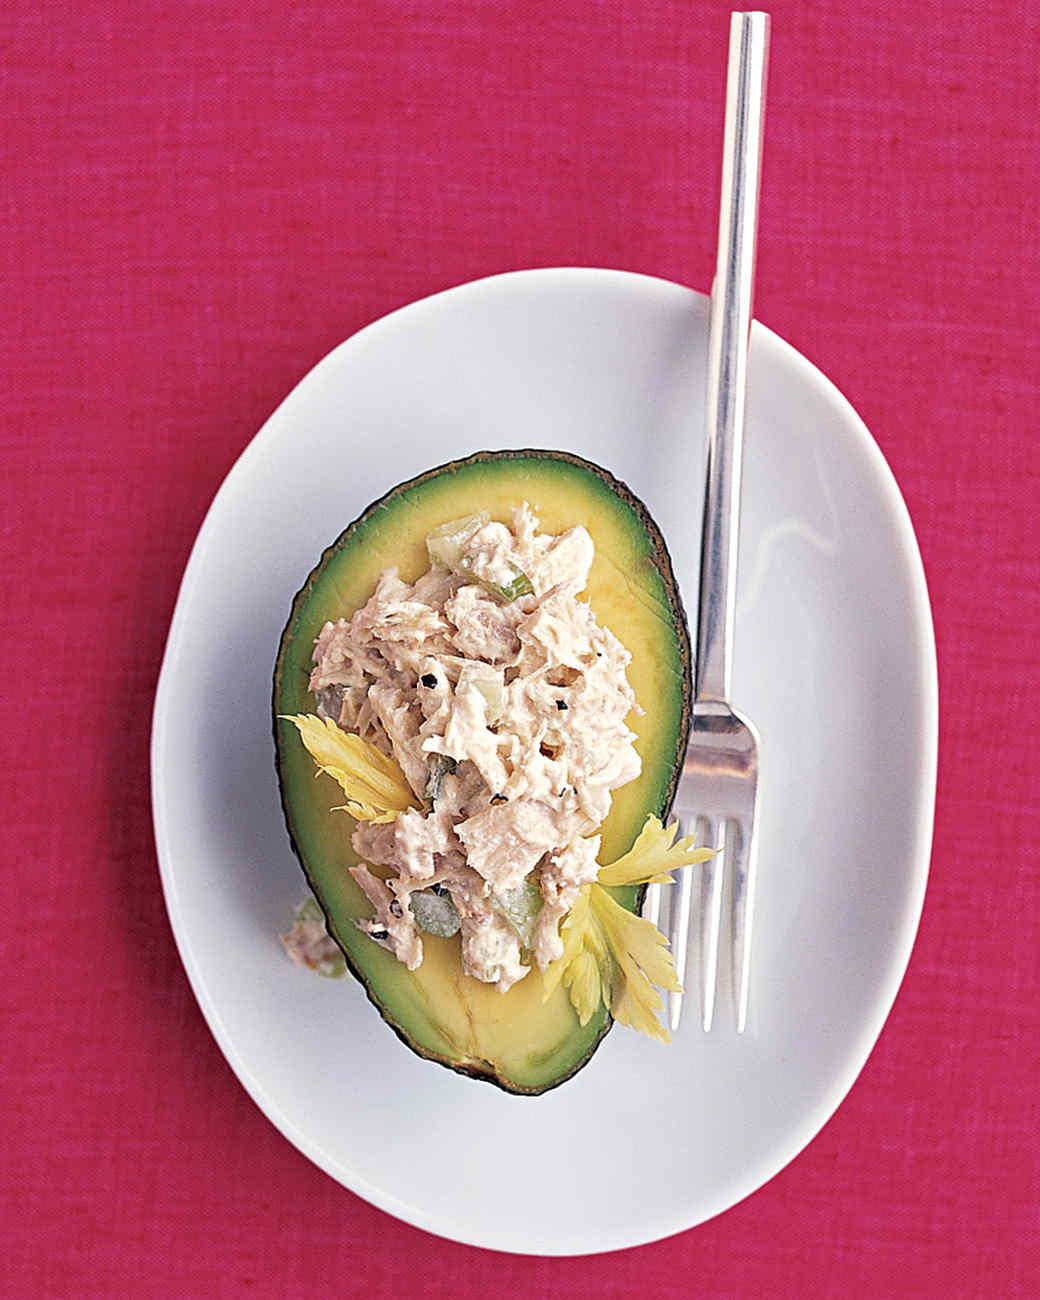 Tuna Salad in Avocado Halves